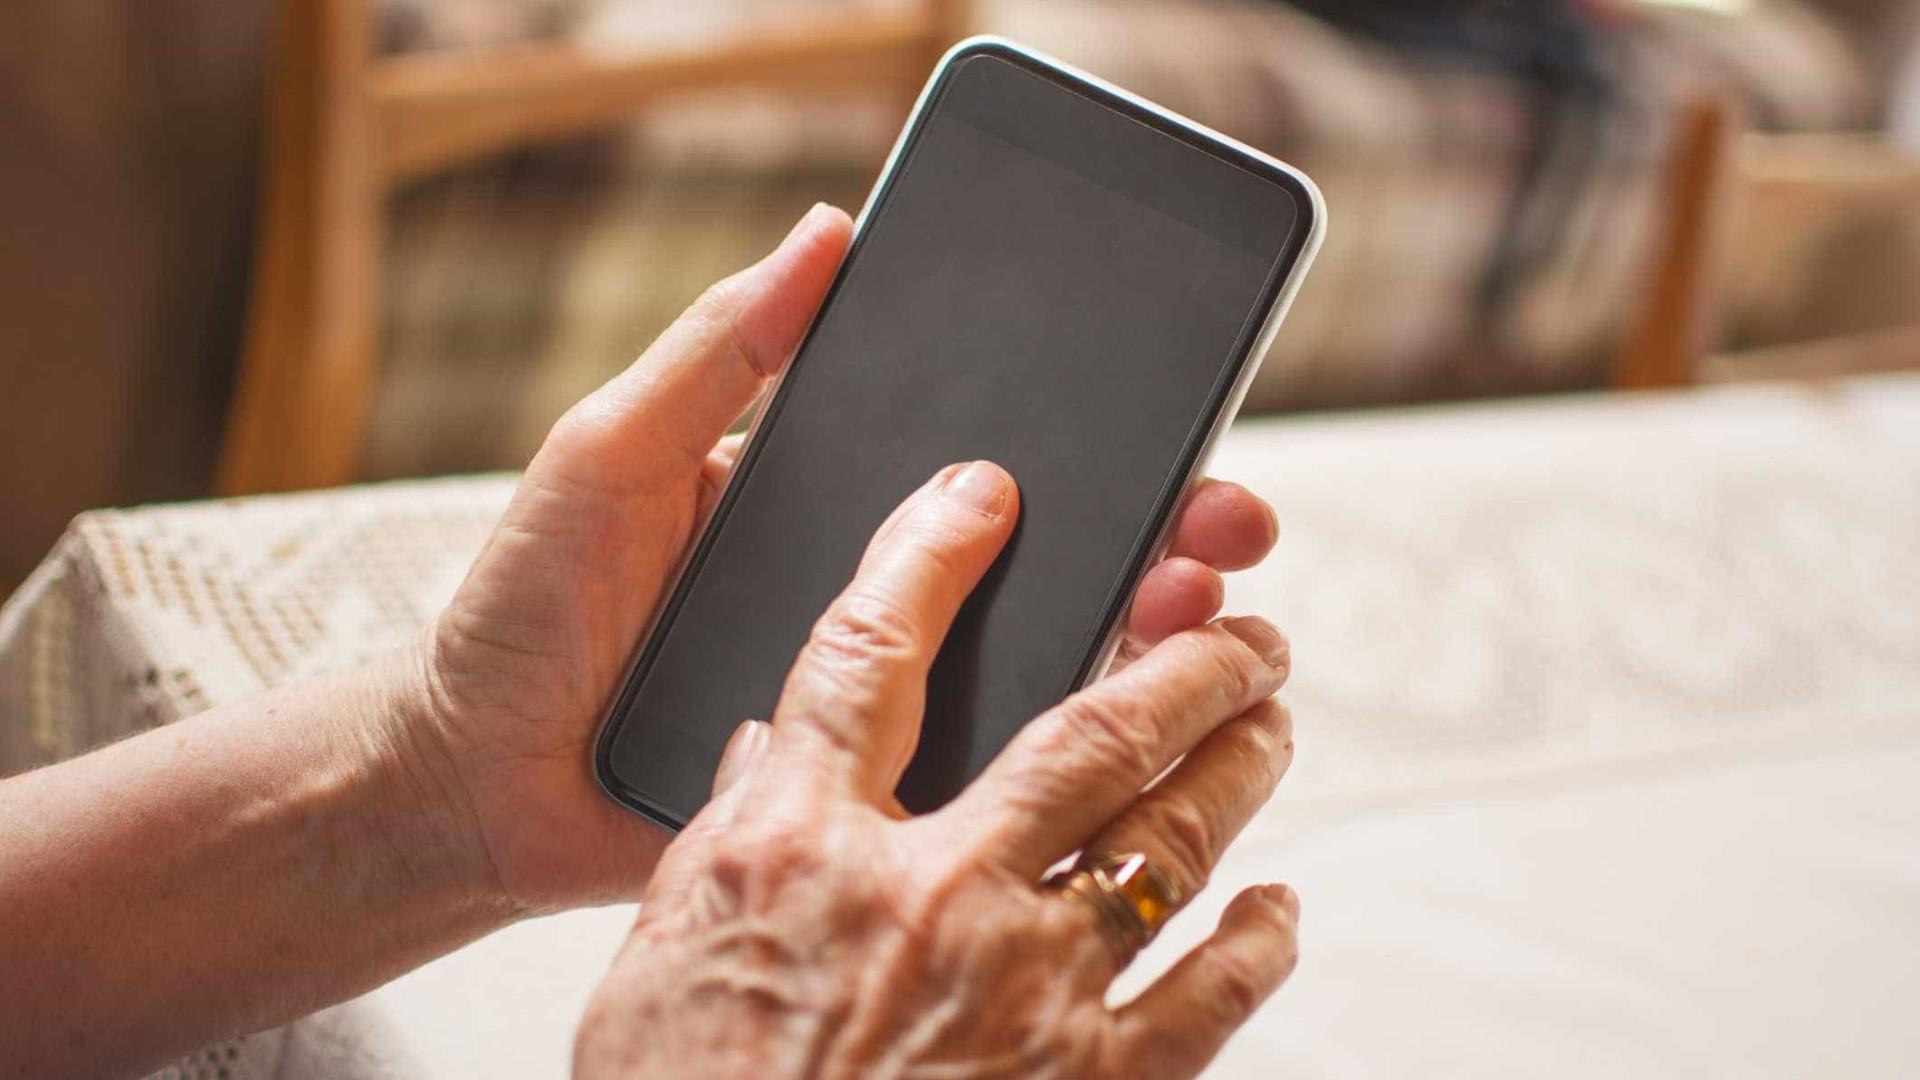 Consumidores vão ter acesso no telemóvel a dados sobre químicos perigosos